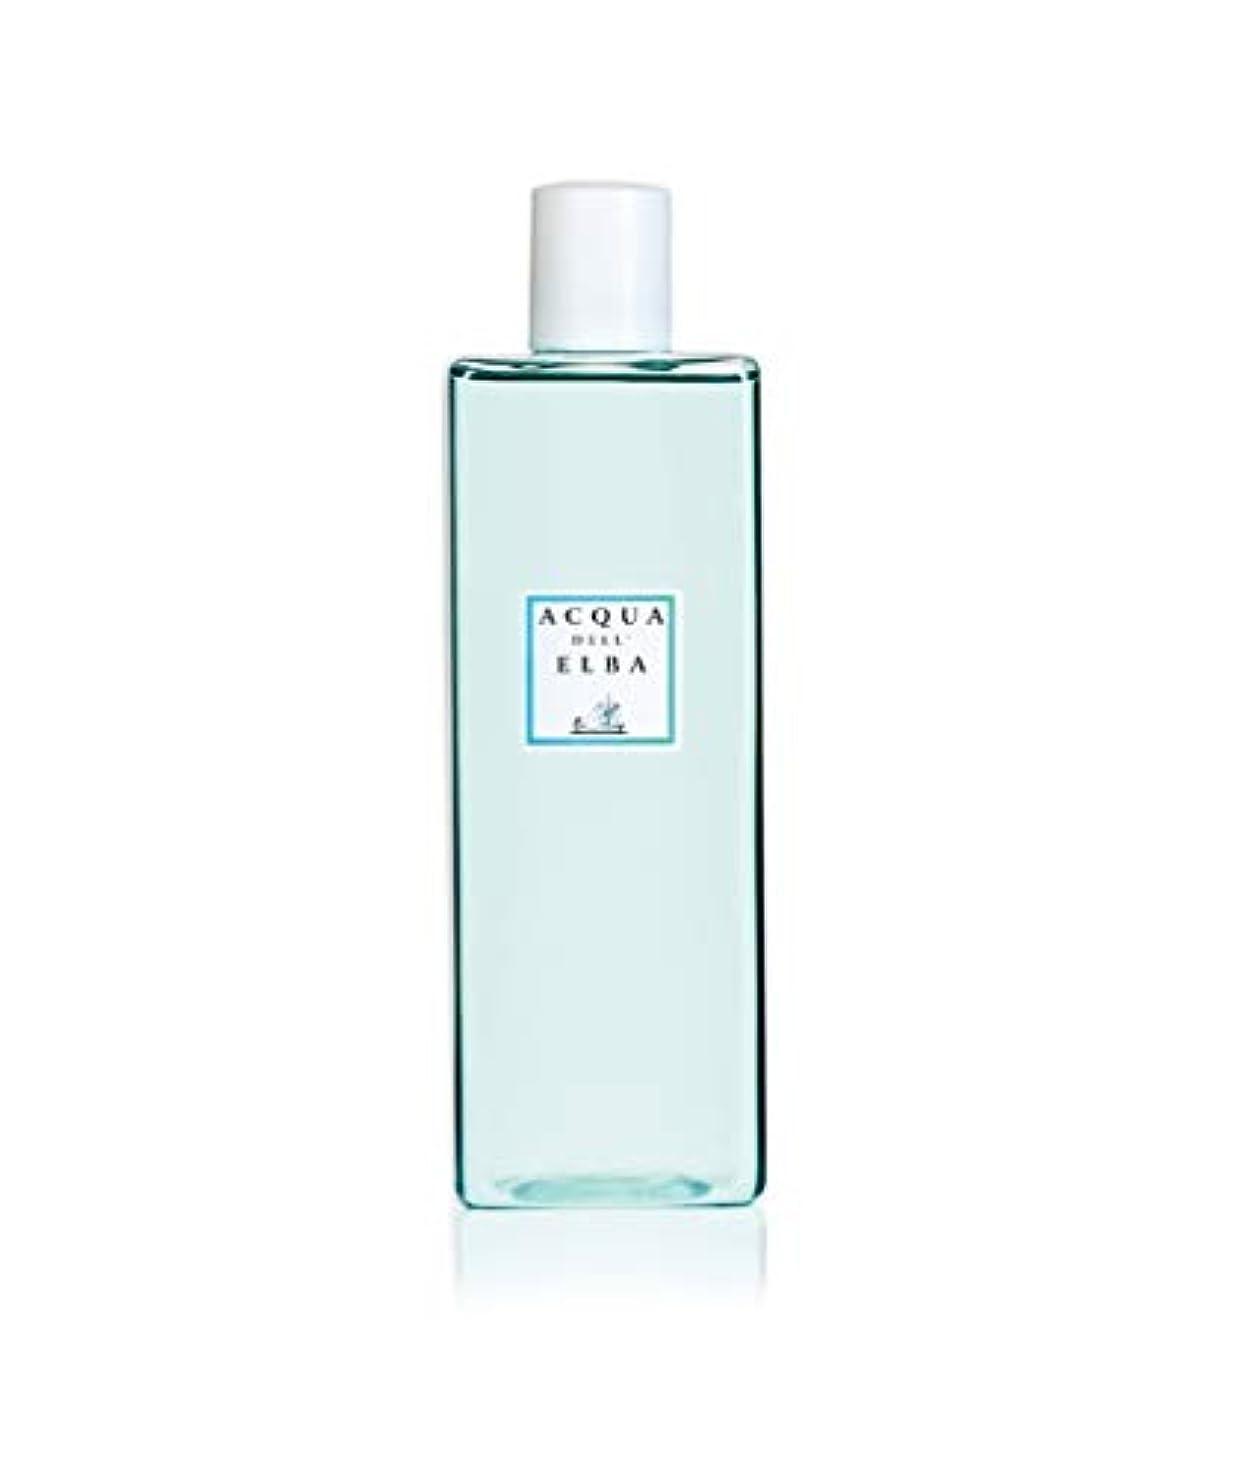 カテナ有名な複雑なアクア?デッレ?エルバ Home Fragrance Diffuser Refill - Isola D'Elba 500ml/17oz並行輸入品